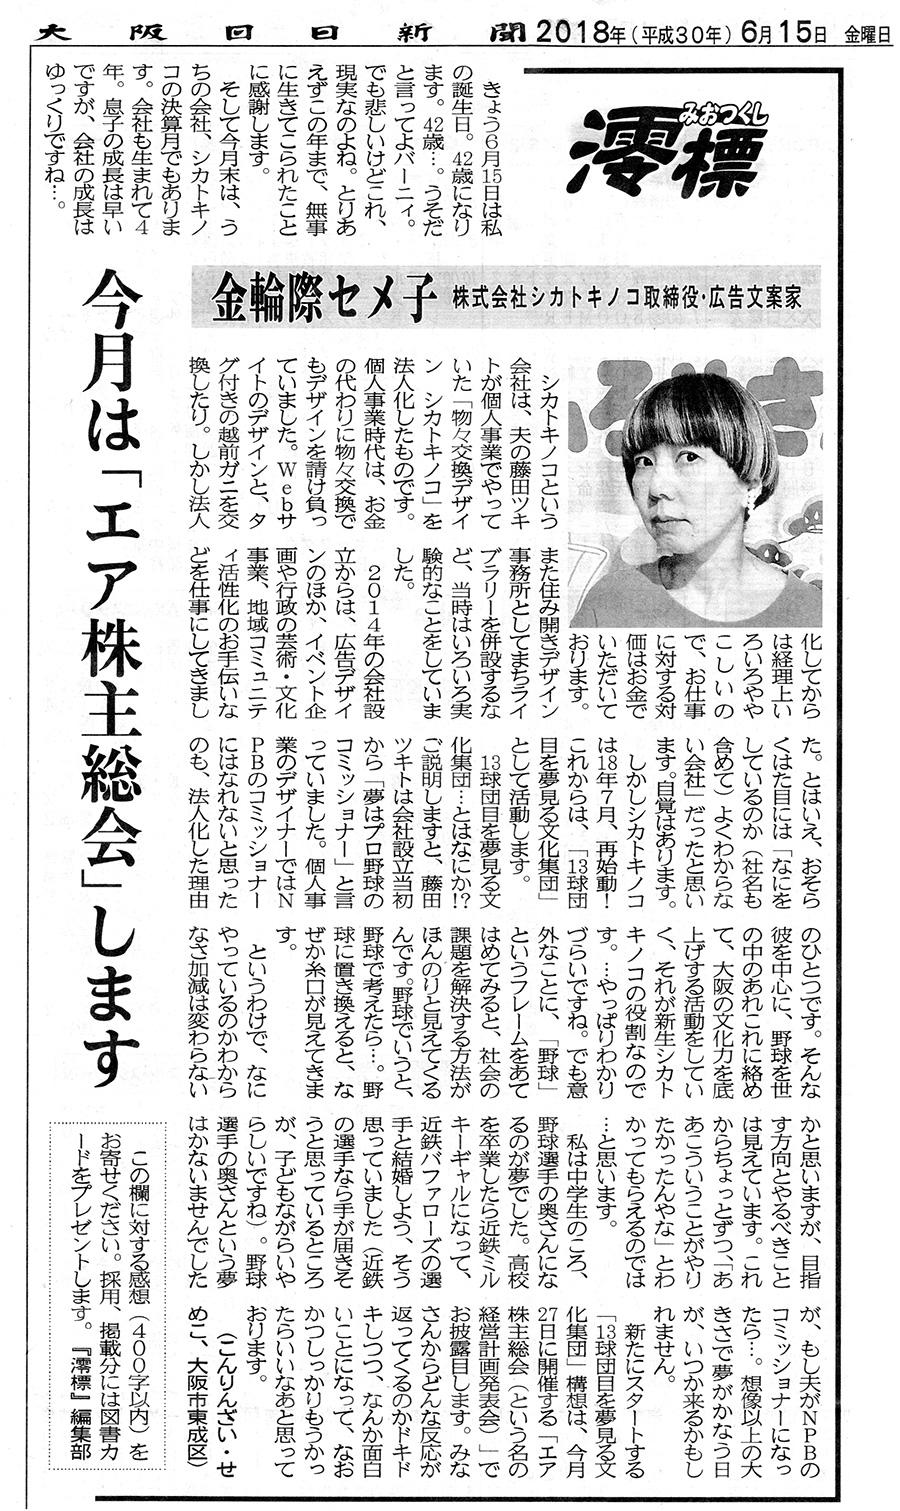 大阪日日新聞「澪標」コラム(2)